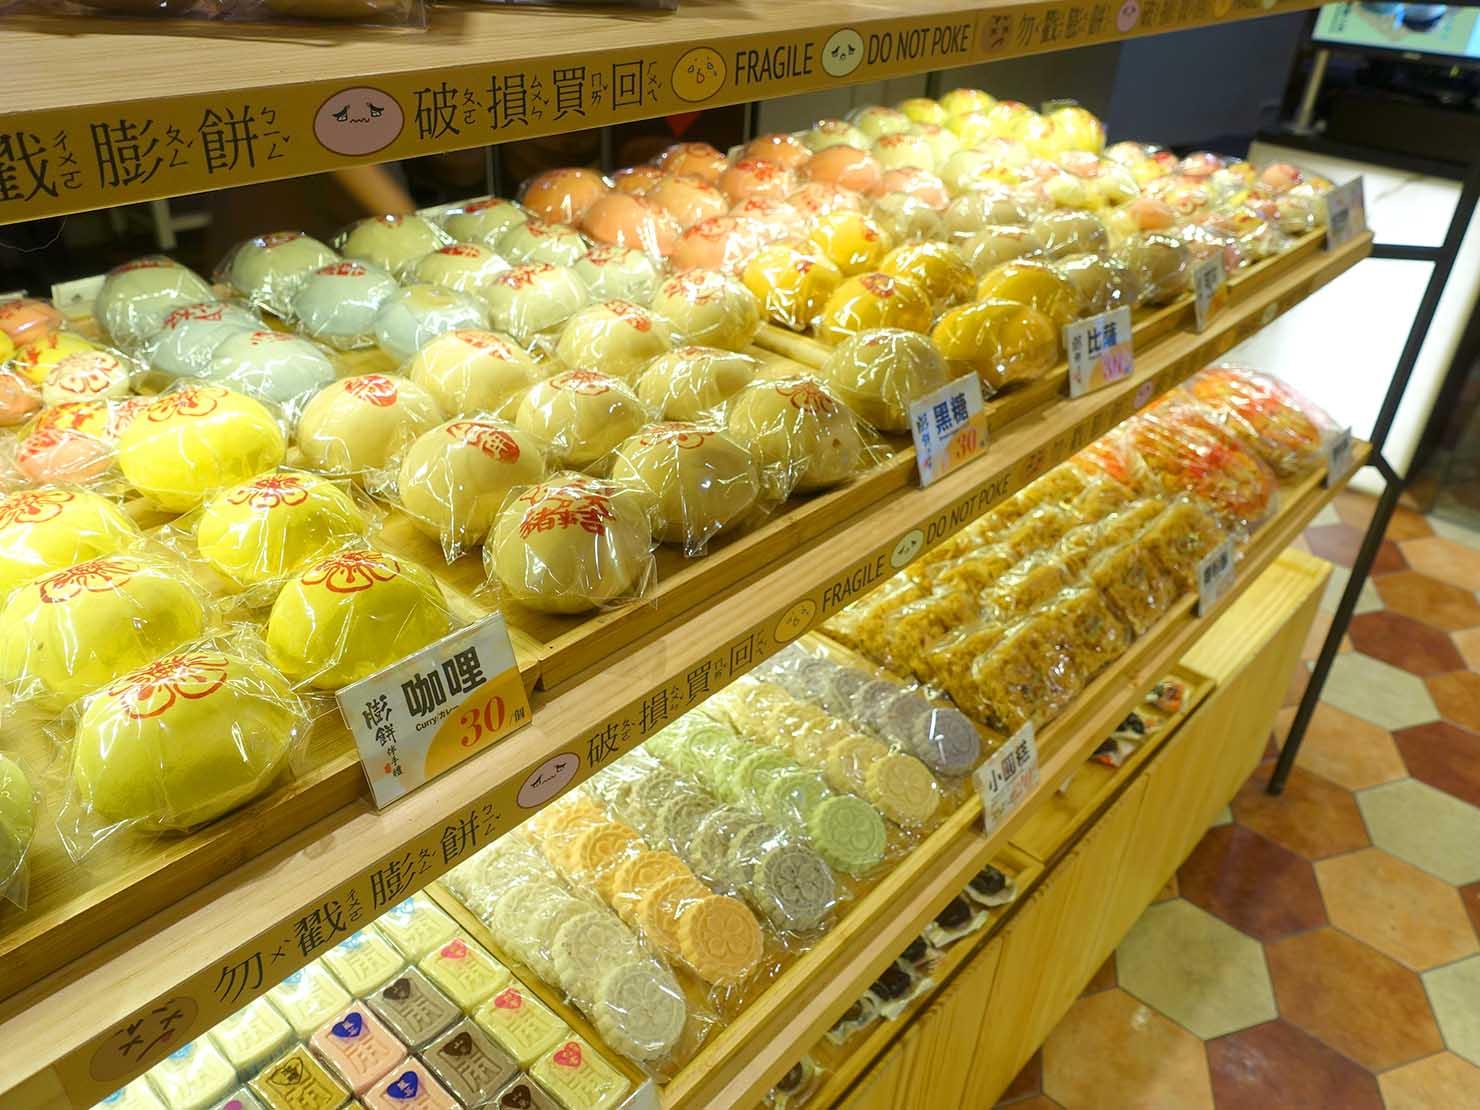 台南・孔廟エリアのおすすめグルメ店「克林台包」の台湾伝統菓子